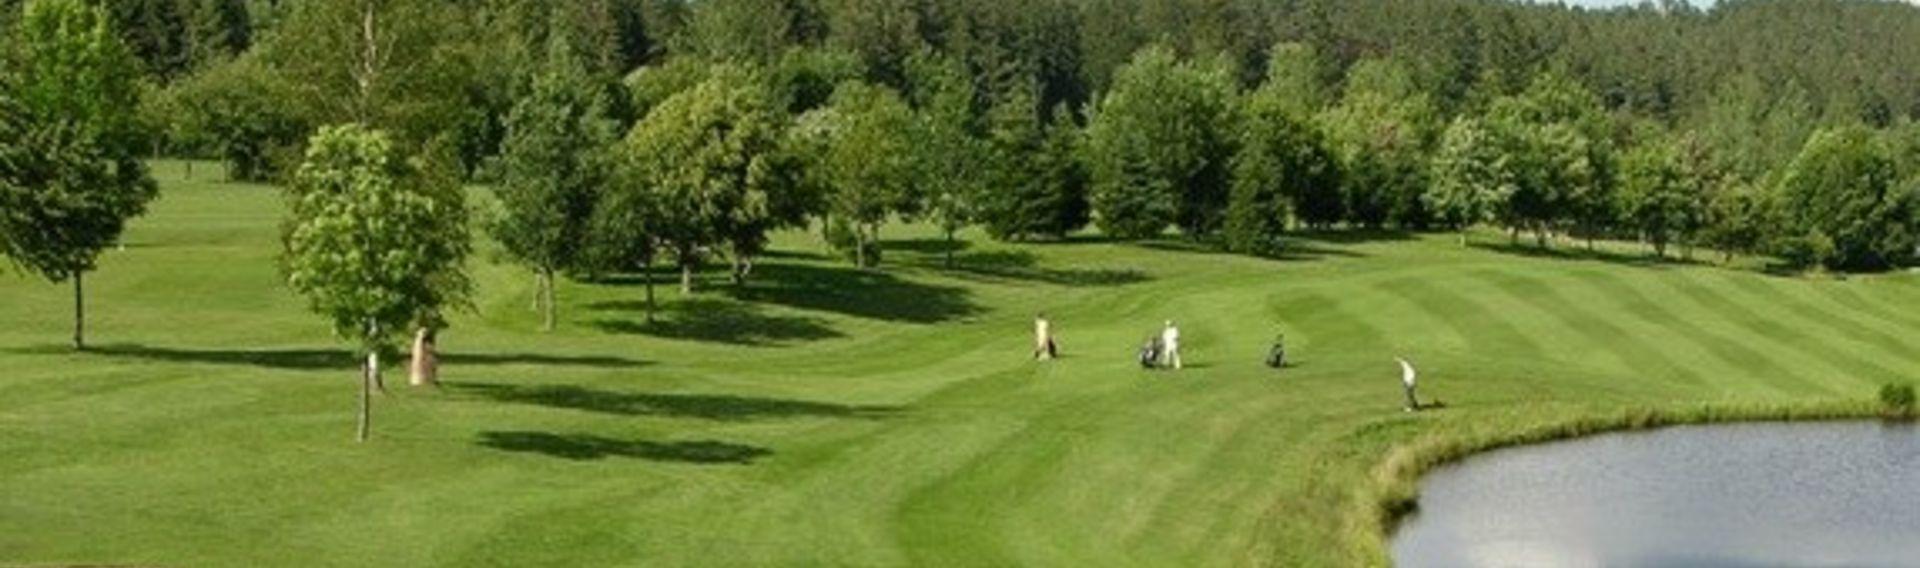 Golfen Schwarzwald – Golfclub finden in der Natur, Schnupperkurse